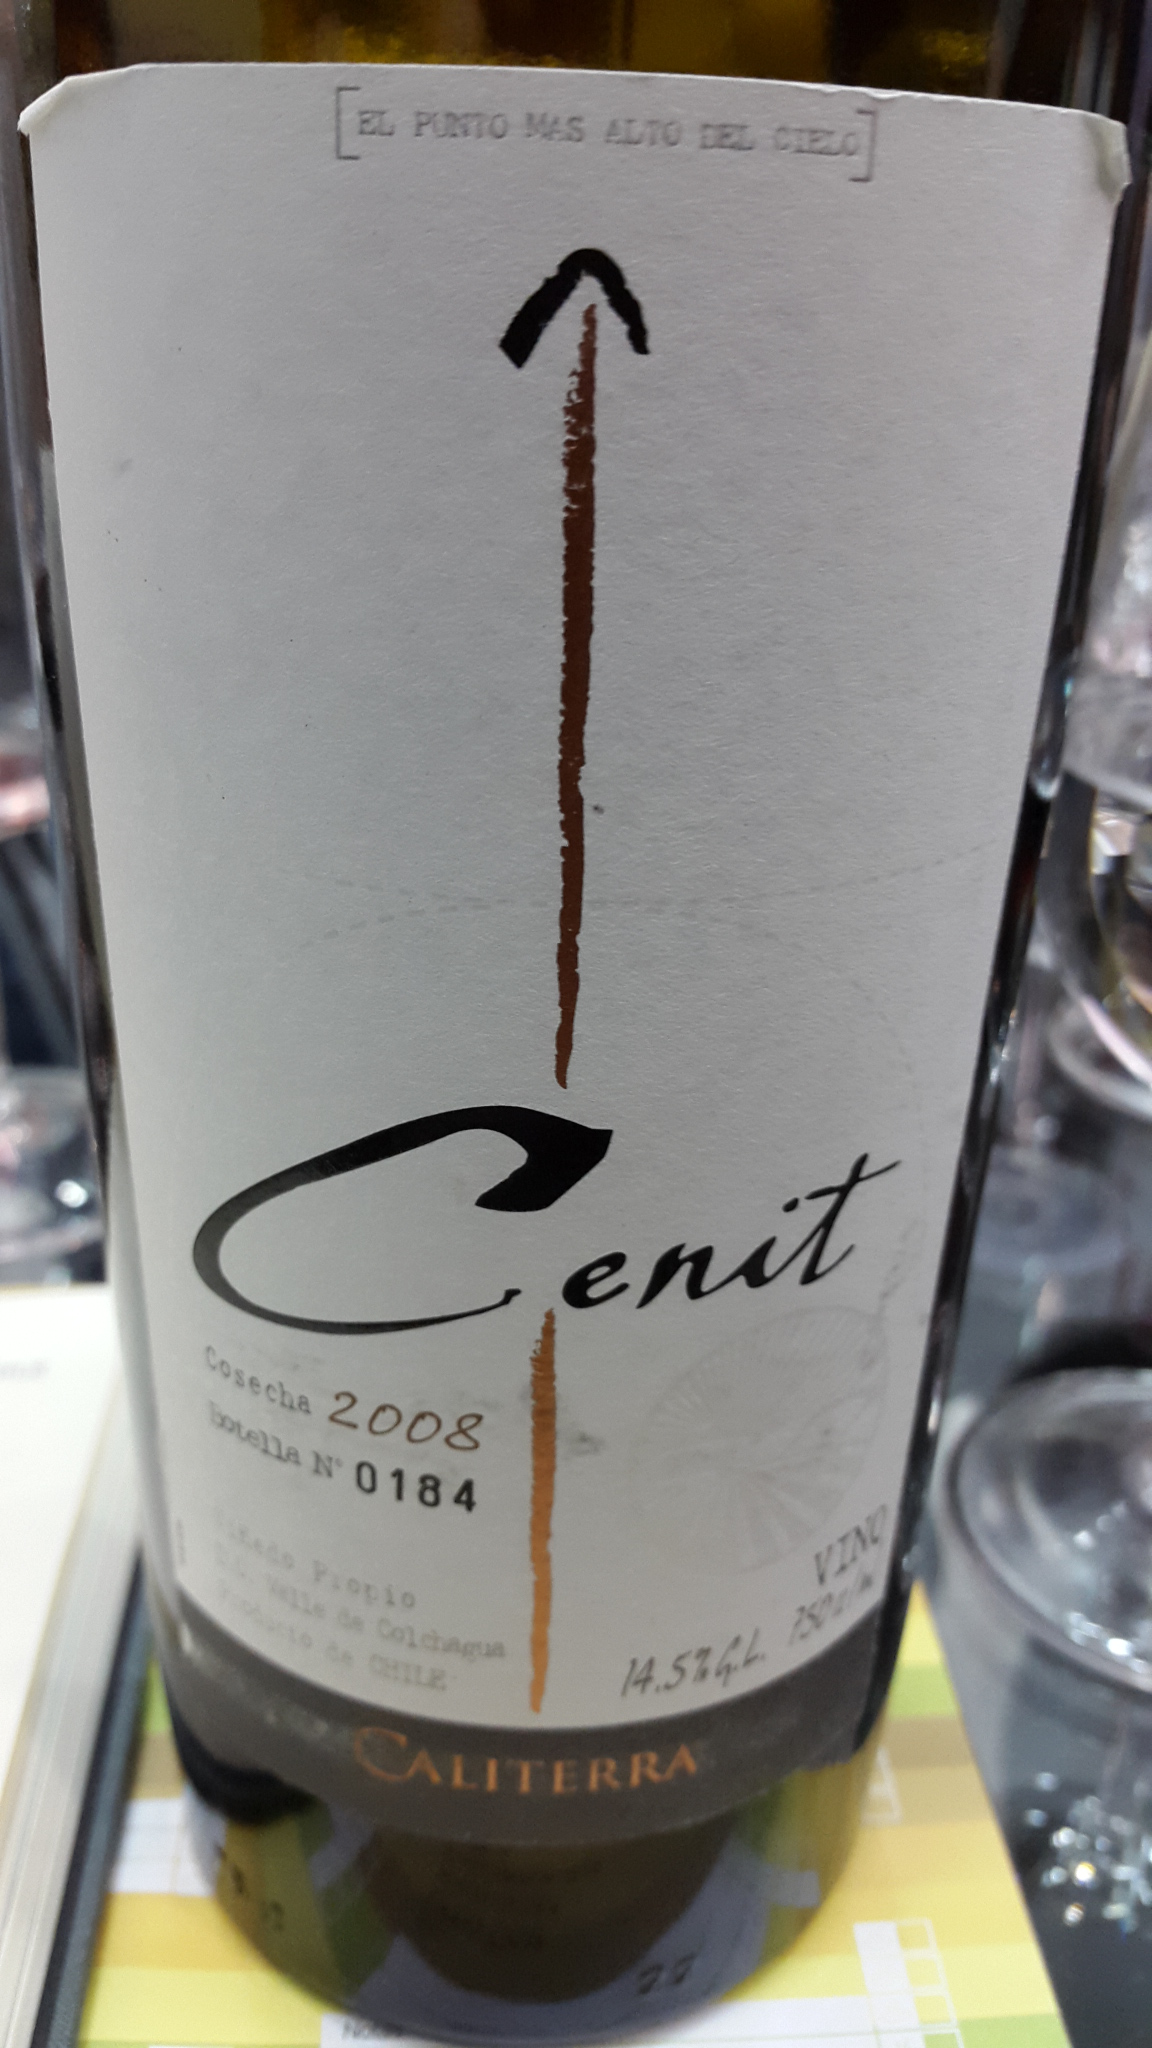 Kết quả hình ảnh cho caliterra cenit